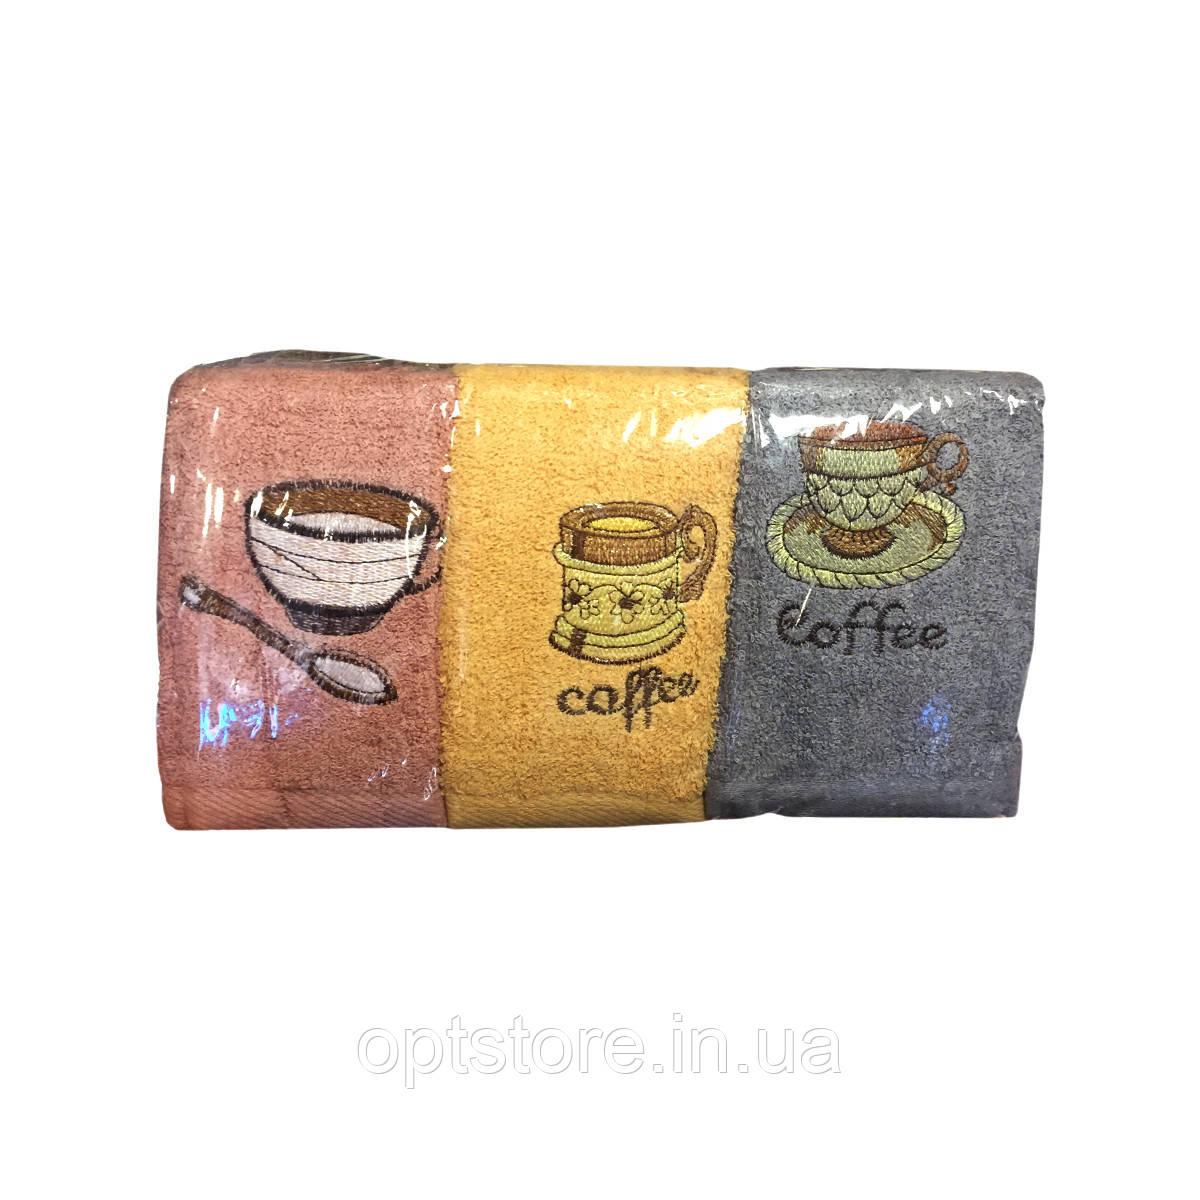 Полотенце кухонное махровое кофе, 35*70 см